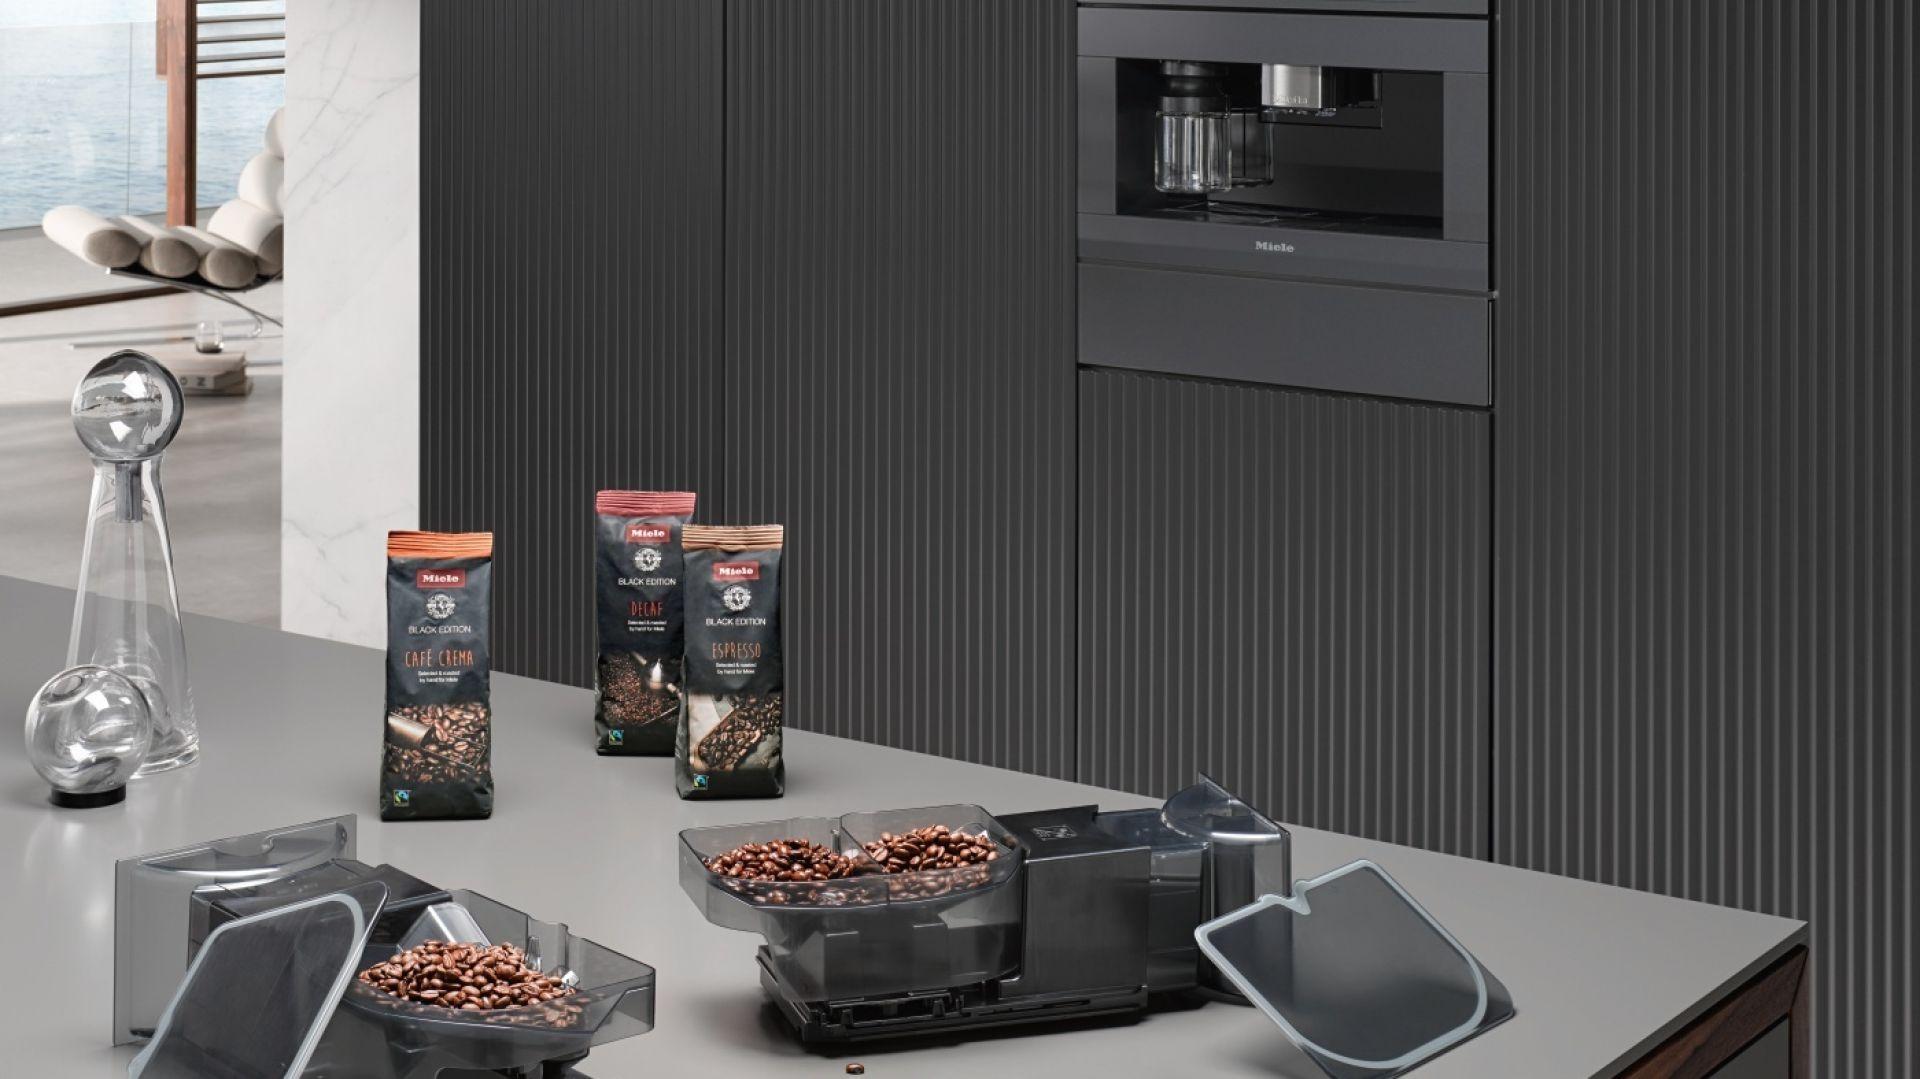 Pyszna kawa. Poznaj nową linię ekspresów do zabudowy Generacja 7000 marki Miele. Fot. Miele